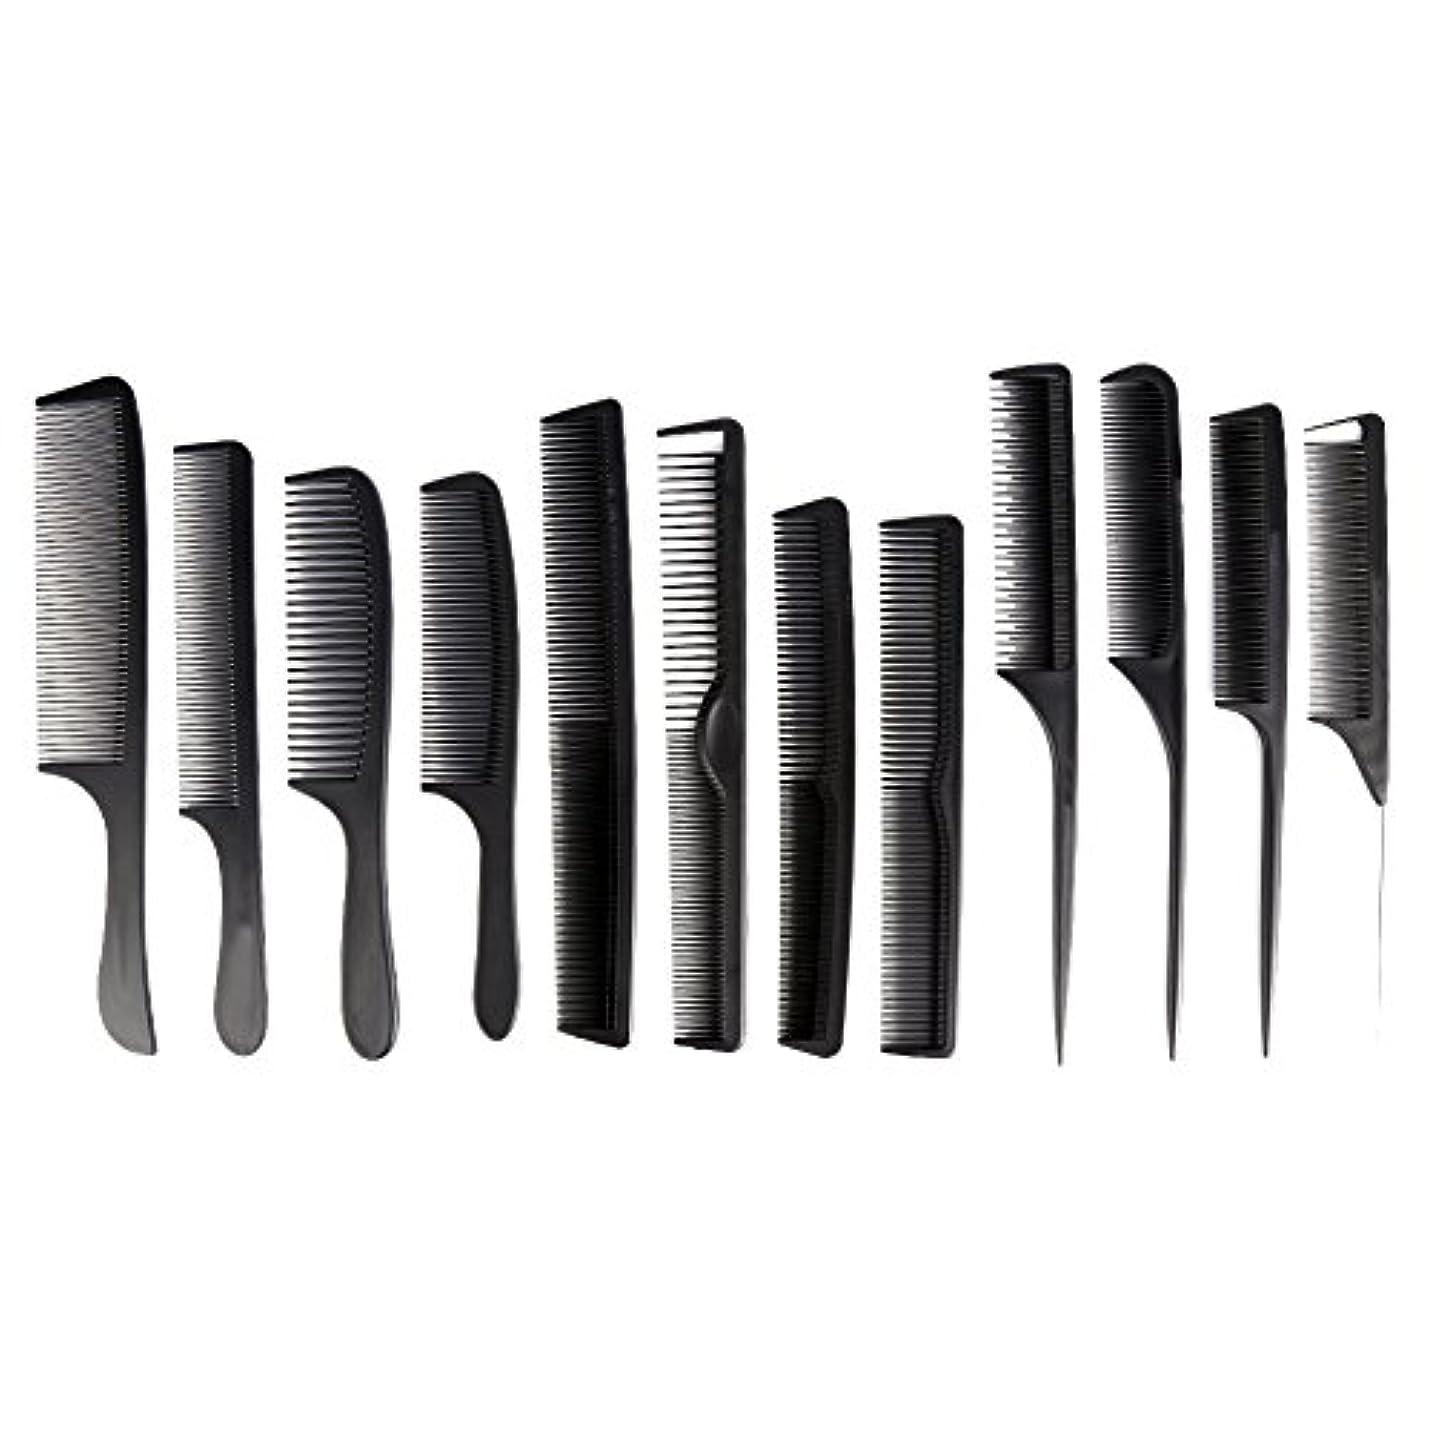 本気メッシュ地殻カットコーム 散髪用コーム コームセット12点セット プロ用ヘアコーム  静電気減少 軽量 サロン/美容室/床屋など適用